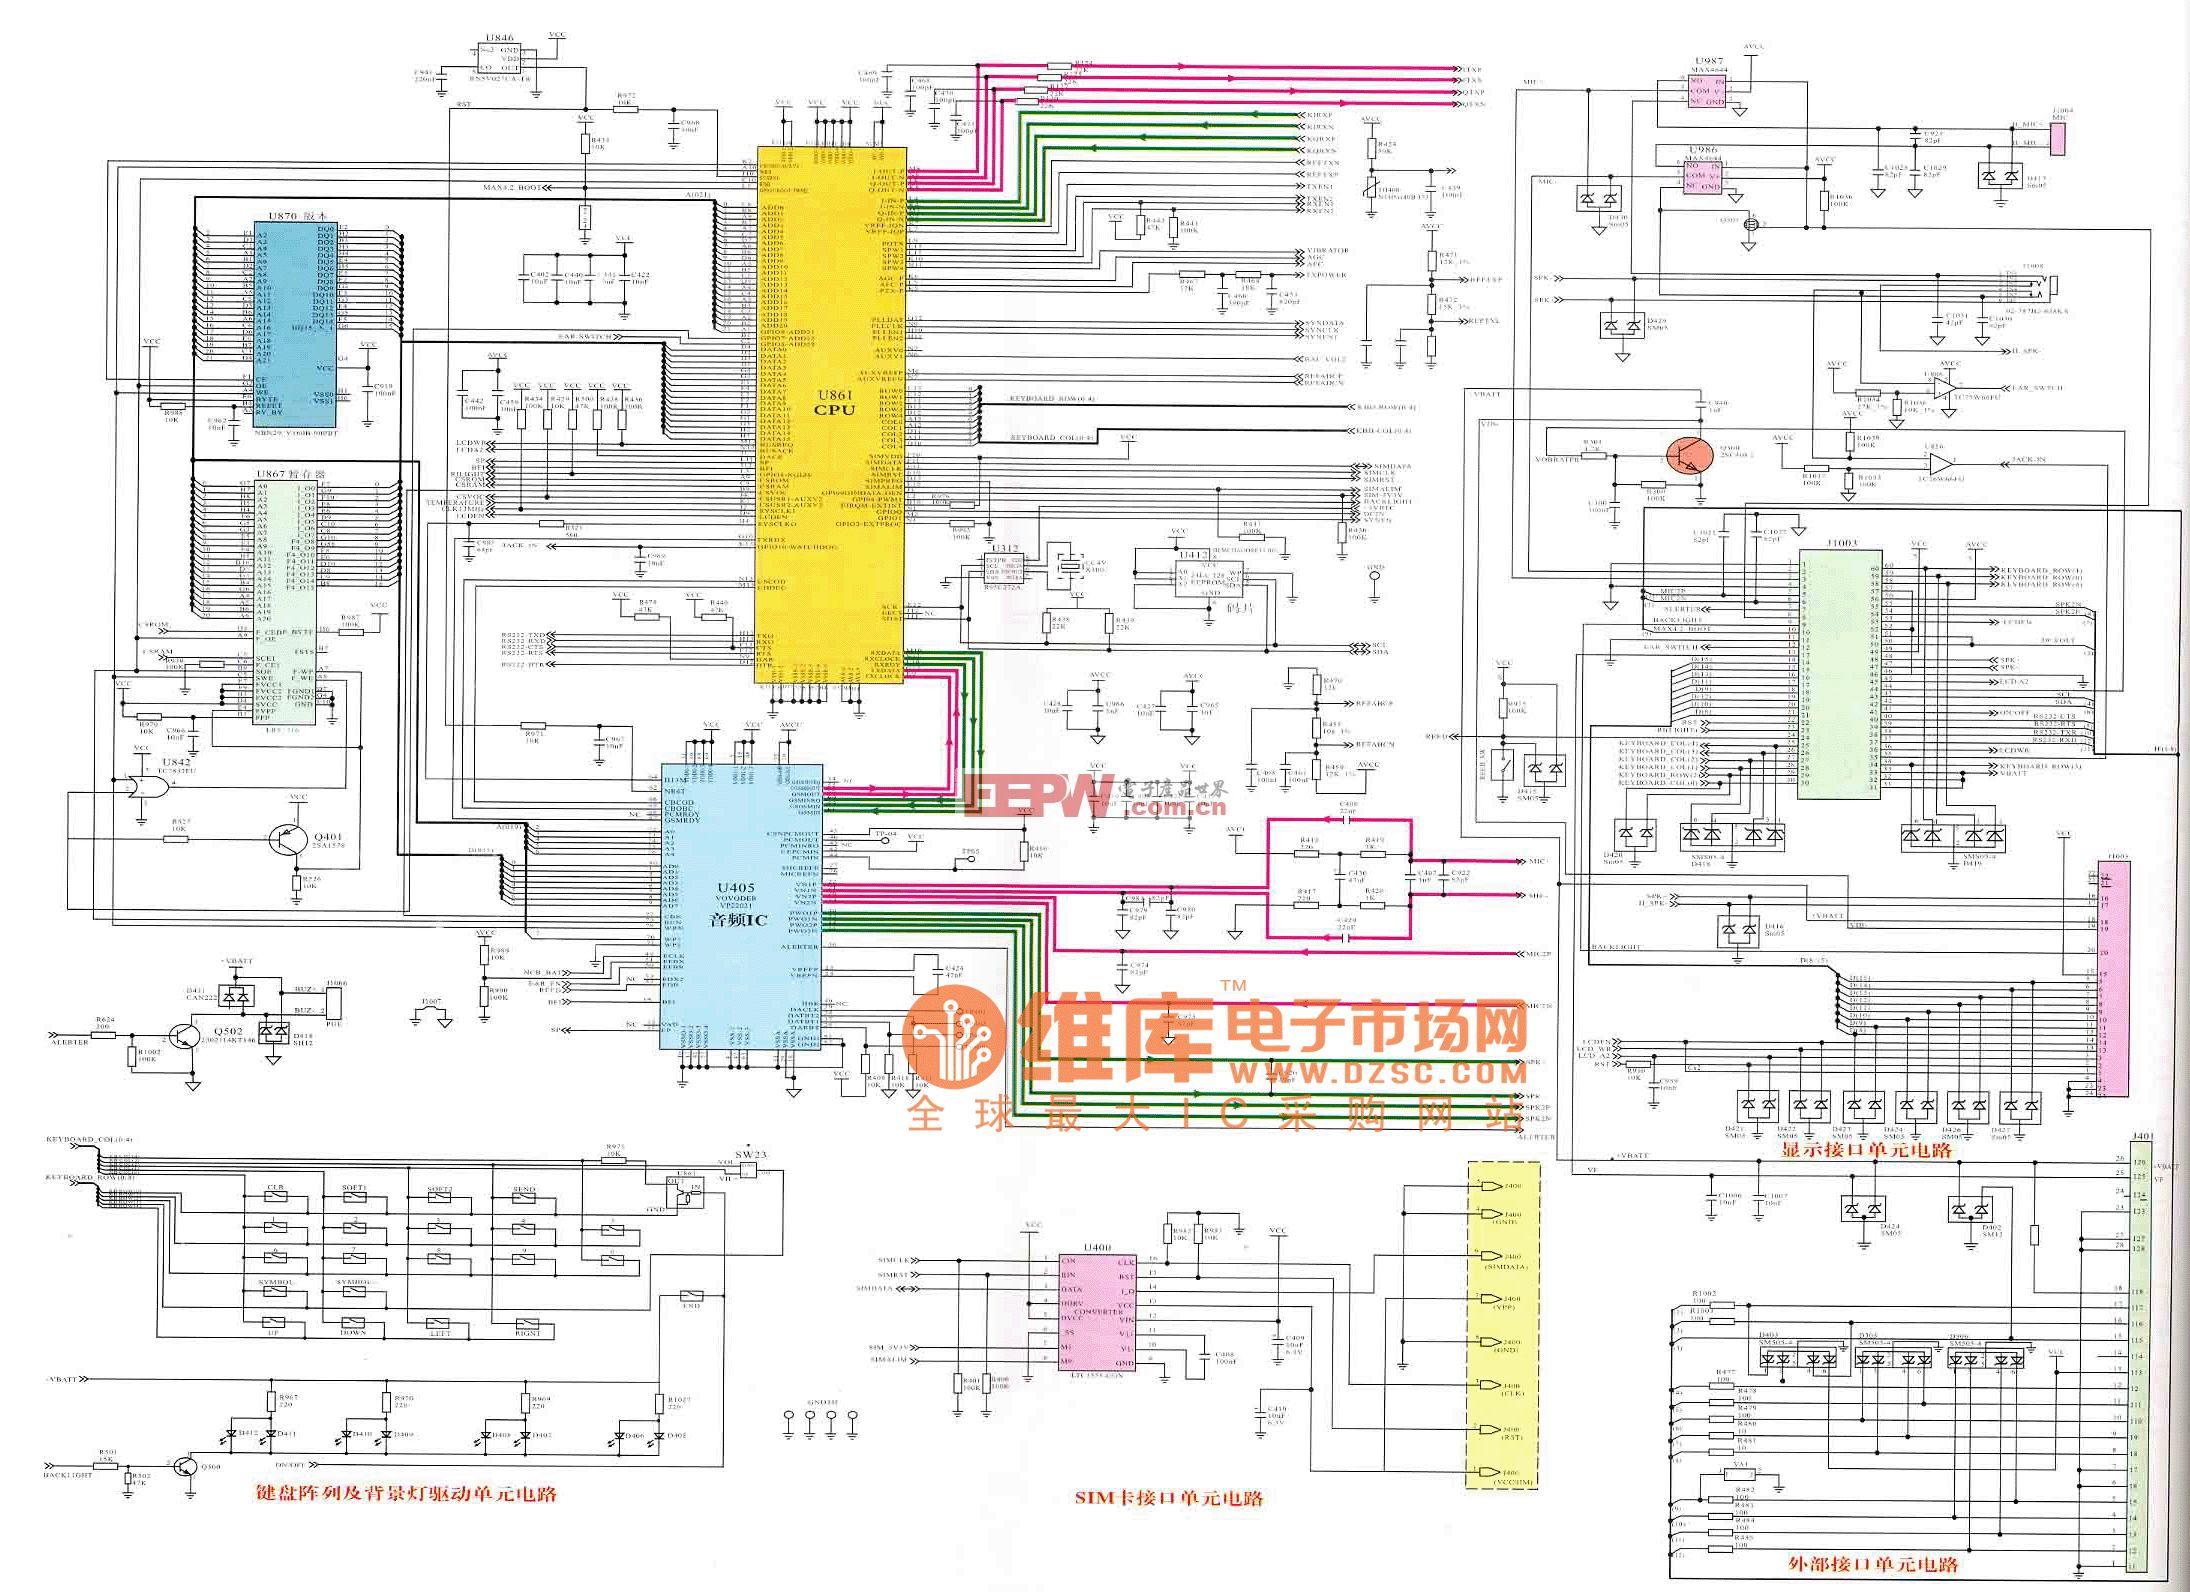 三星SGH-800型手机逻辑电路原理图